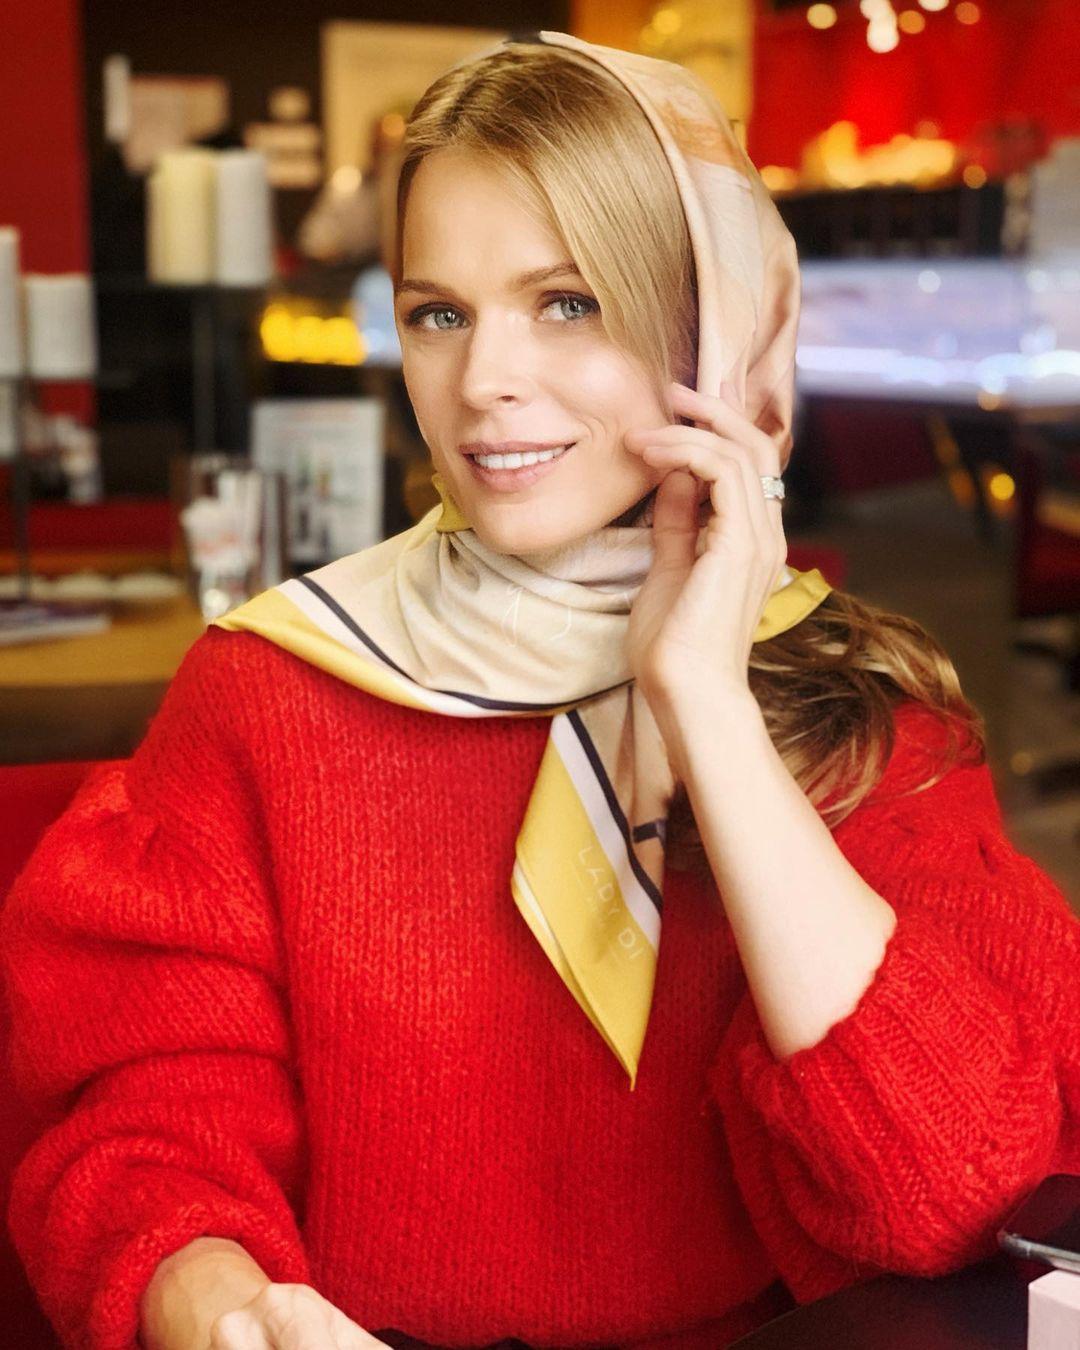 Ольга Фреймут посоветовала не желать «приятного аппетита»